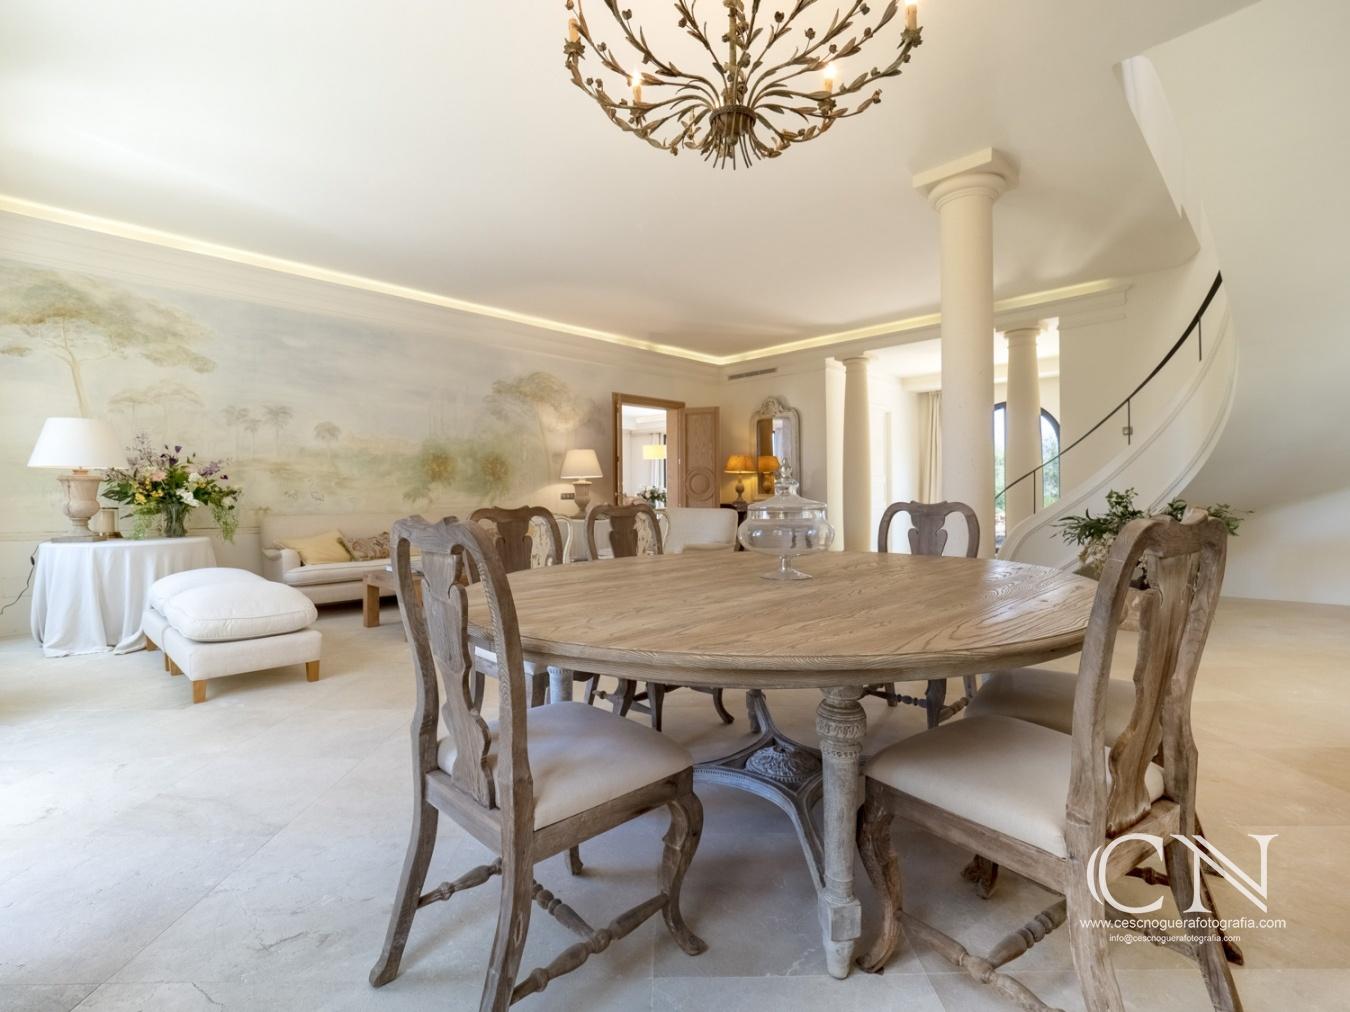 Real Estate  - Cesc Noguera Photographie, Architectural & Interior design photographer / Landscape Photography